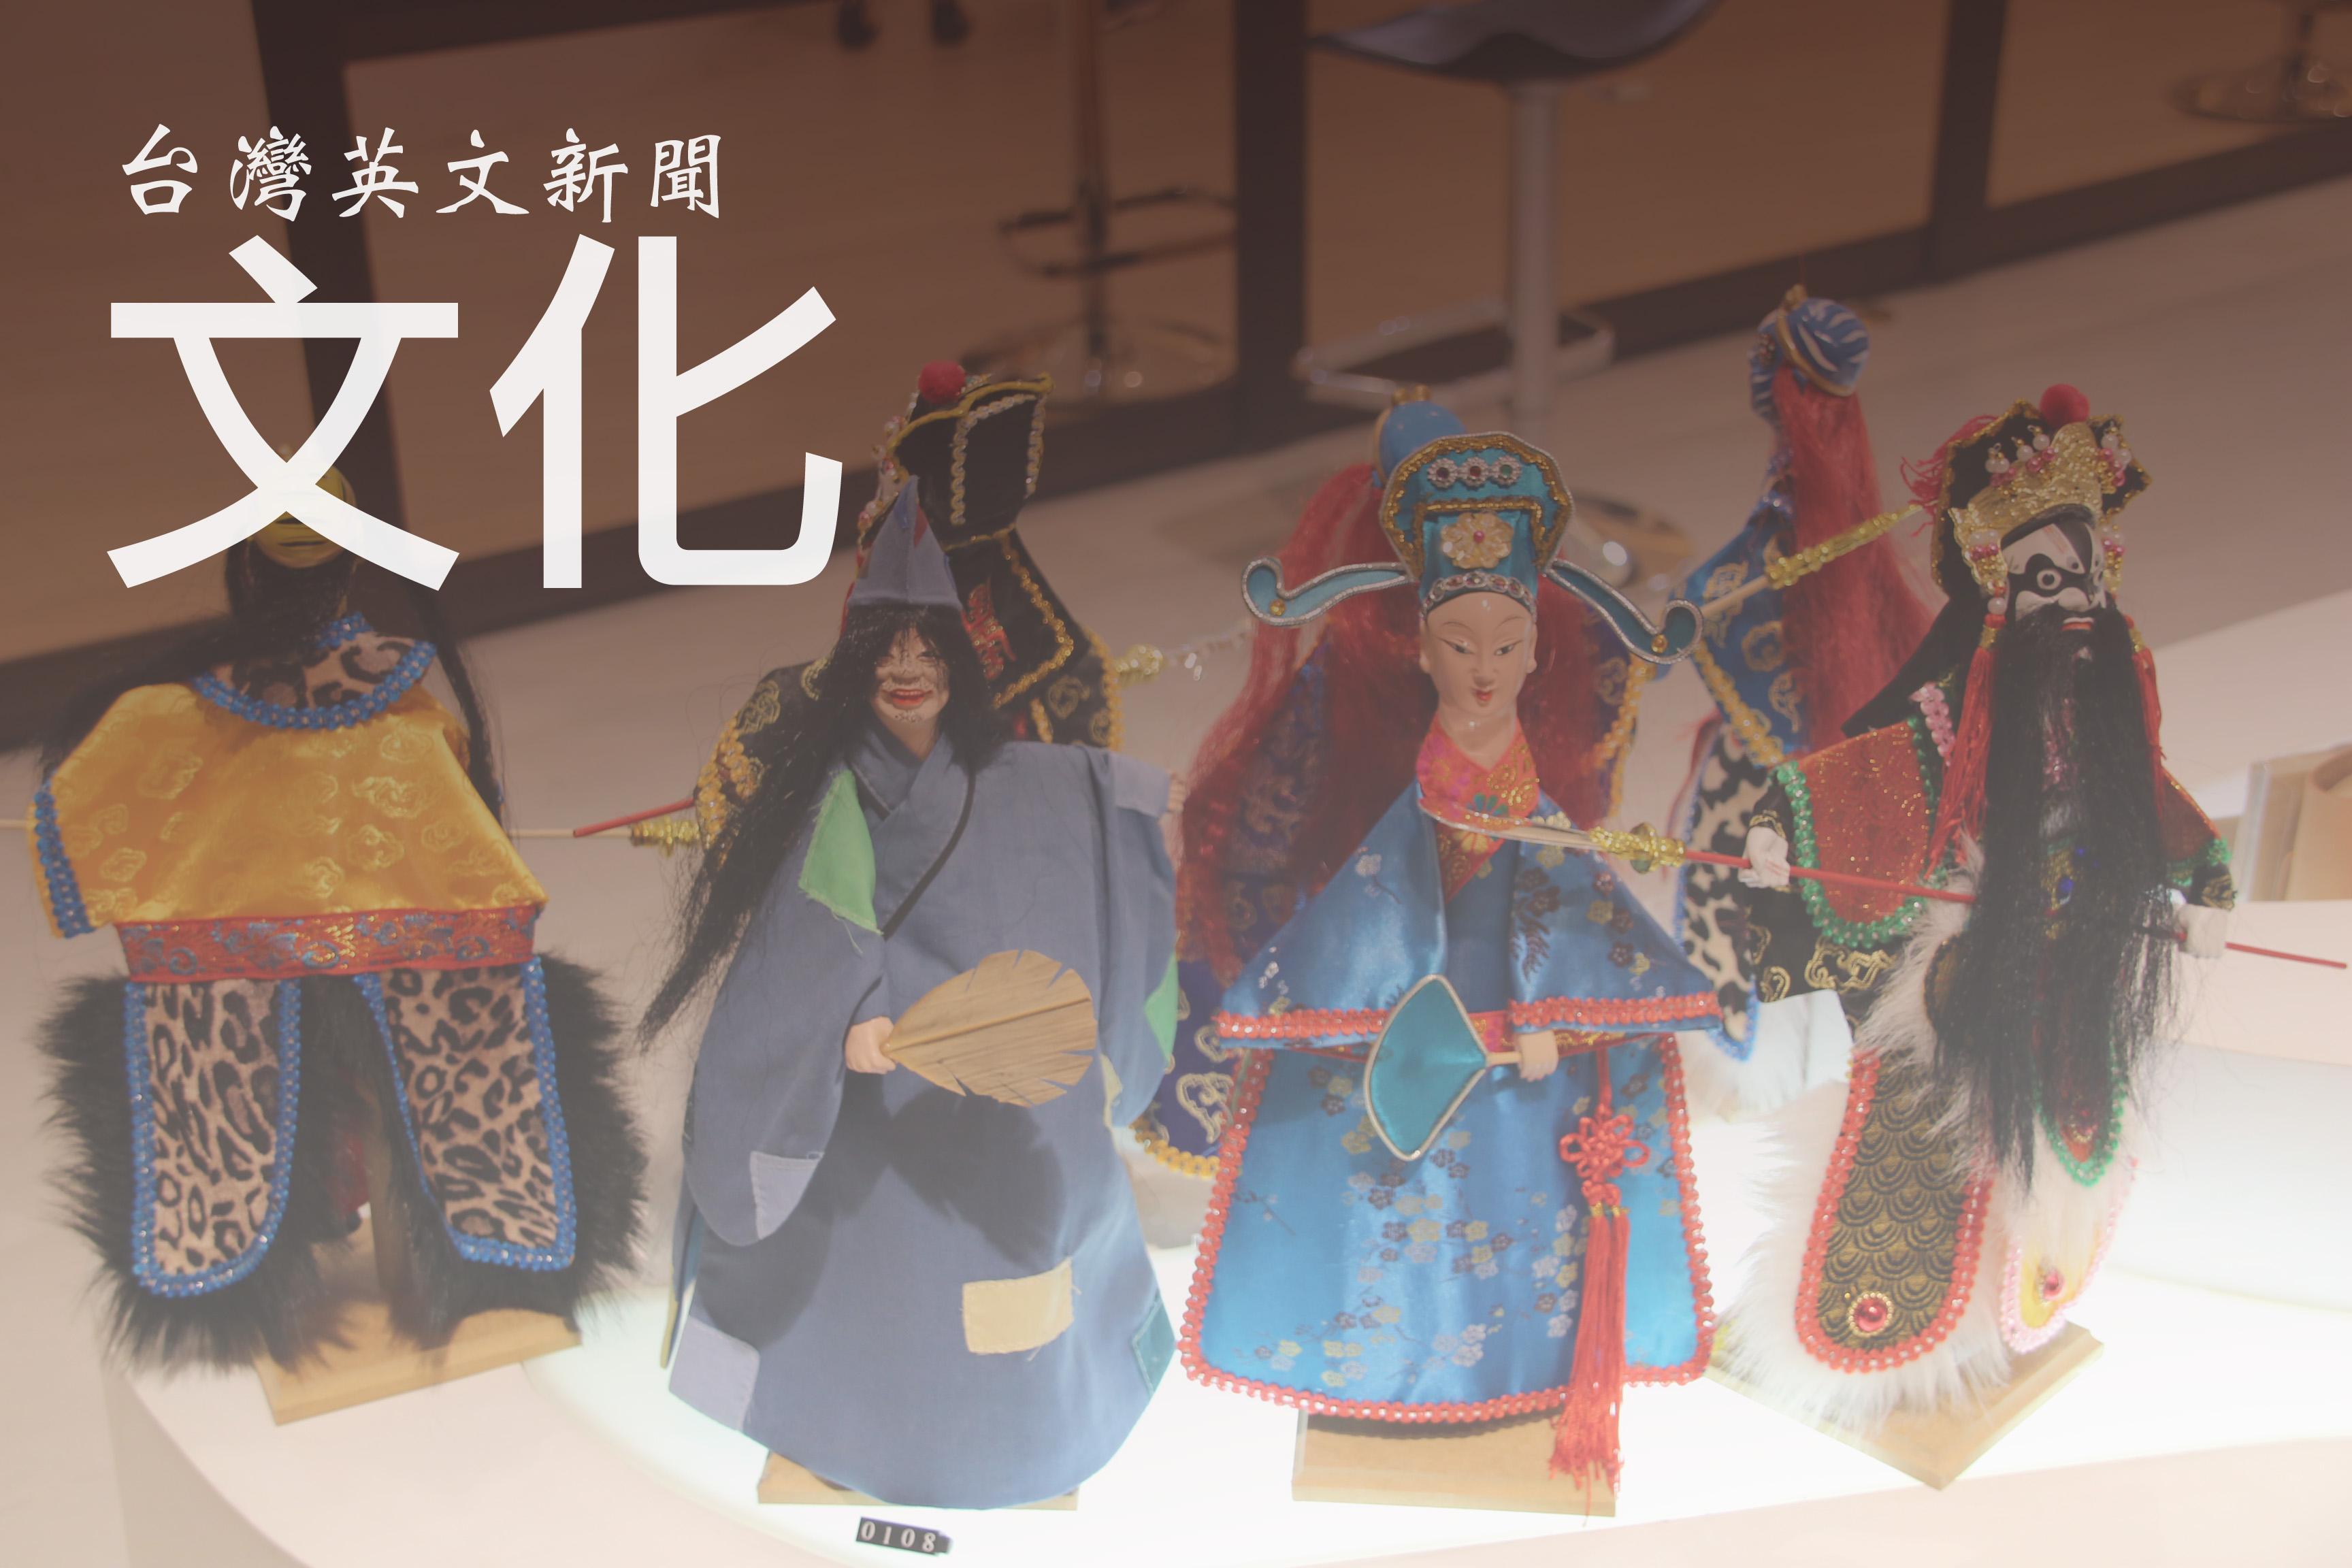 龍應台:夏志清是一個時代剪影